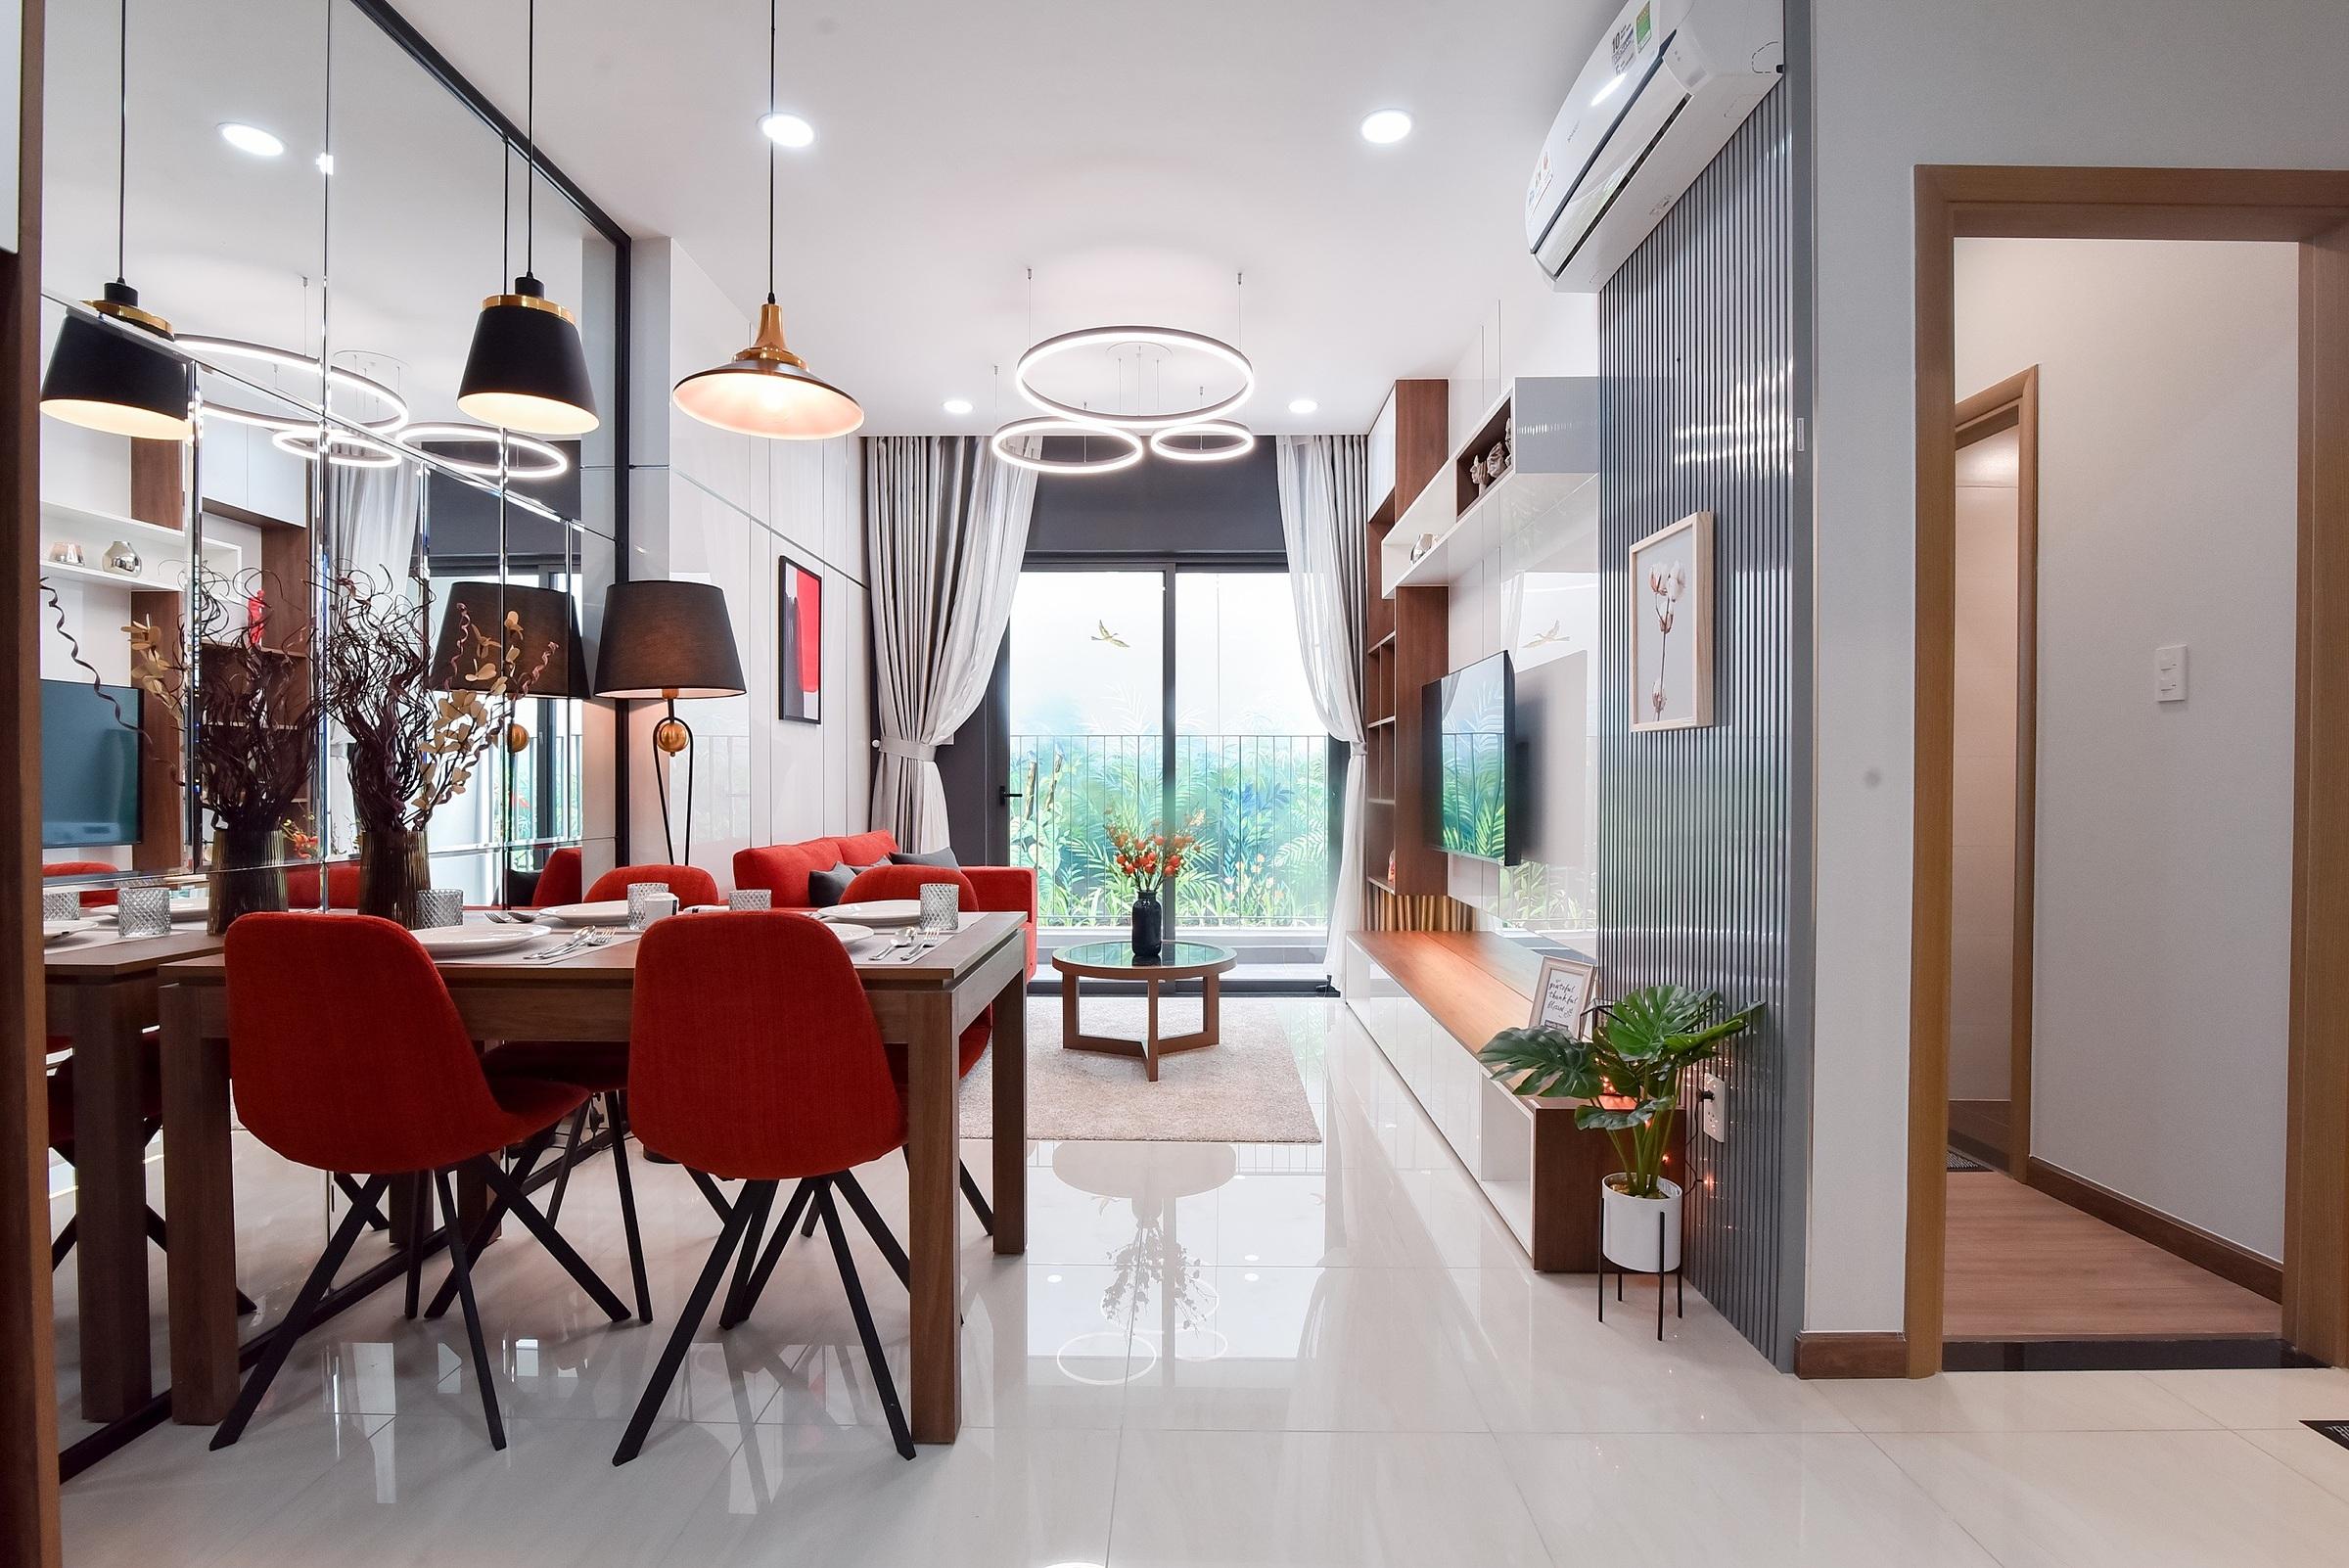 Tại đây, Tập đoàn Bcons gợi ý cho quý khách hàng các phong cách bày trí căn hộ mình sẽ sở hữu. Theo phong cách hiện đại, căn hộ sẽ tối ưu tính tiện nghi. Dù loại một phòng ngủ hay hai phòng ngủ, không gian sinh hoạt đều rộng rãi.